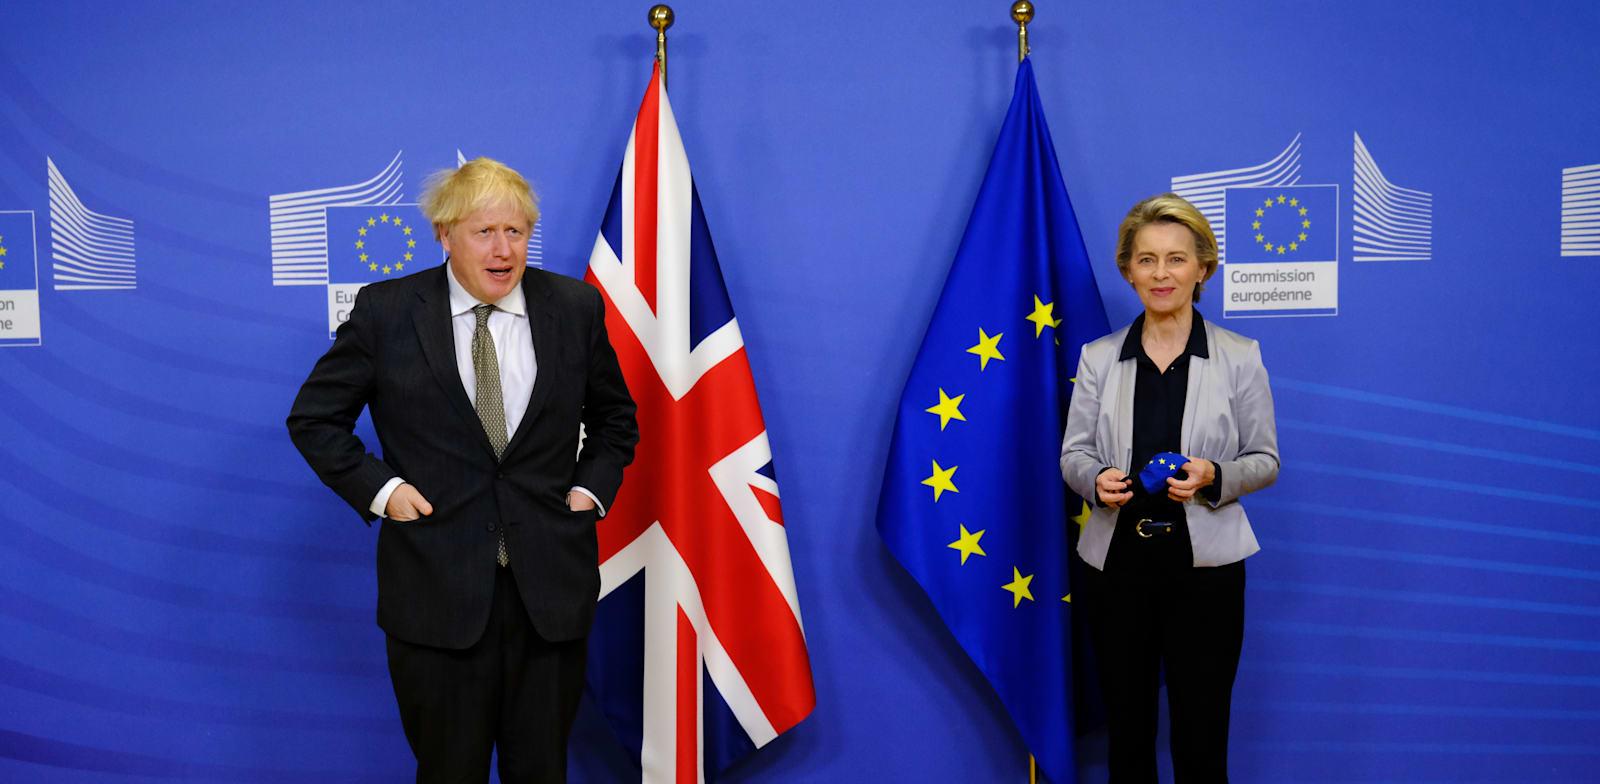 הנציבות האירופית אורסולה פון דר-לאיין וראש ממשלת בריטניה בוריס ג'ונסון / צילום: Reuters, Alexandros Michailidis / Pool European Commission